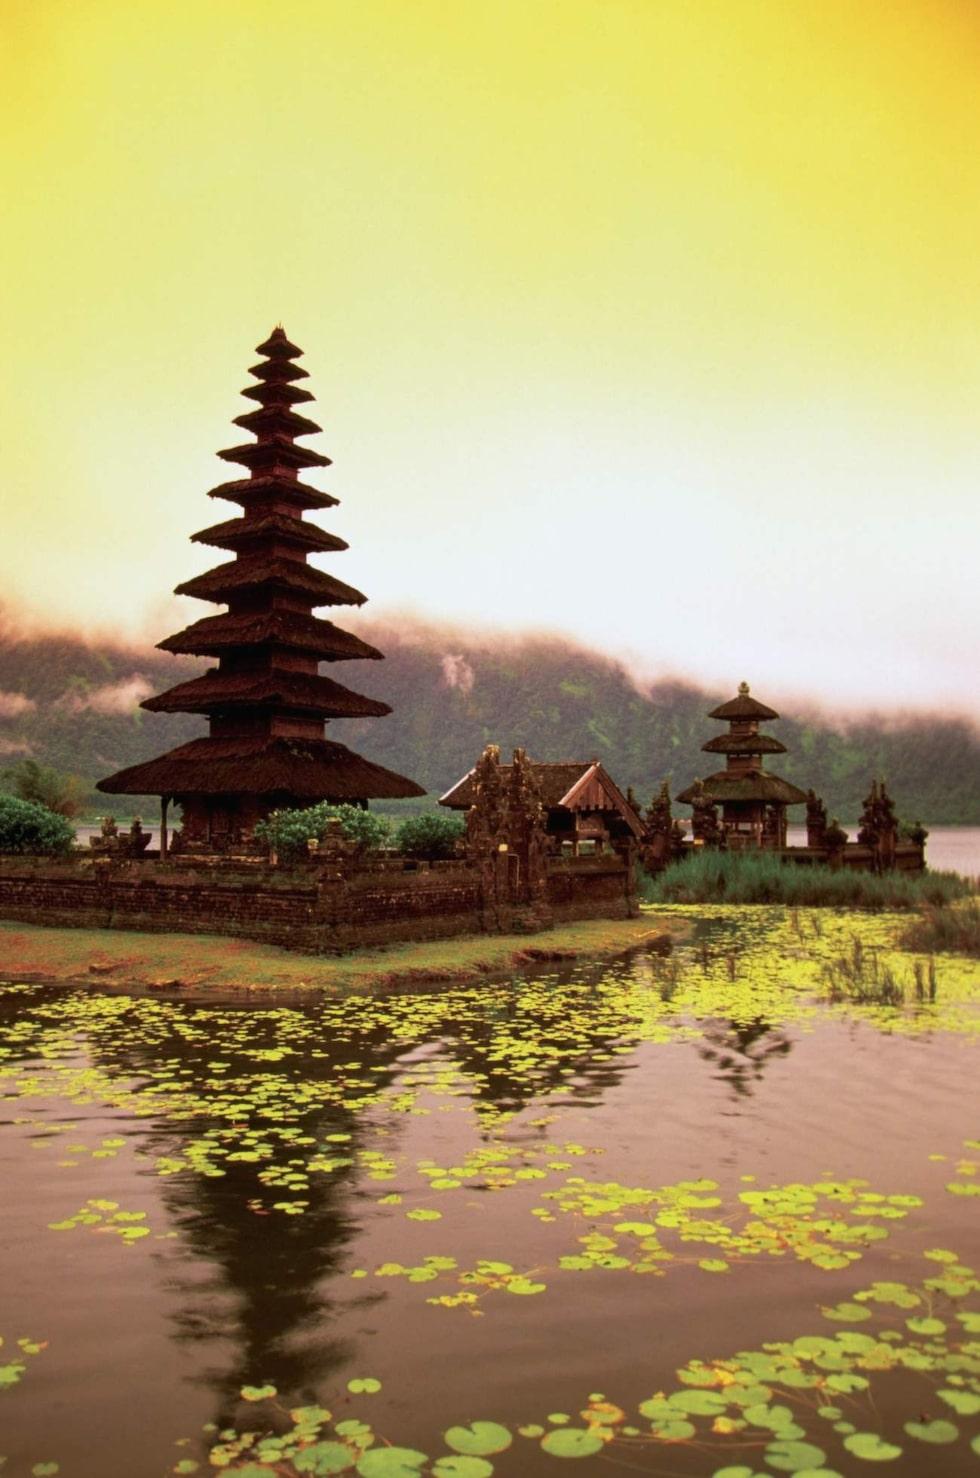 Paradisögruppen Bali tillhör Indonesien.